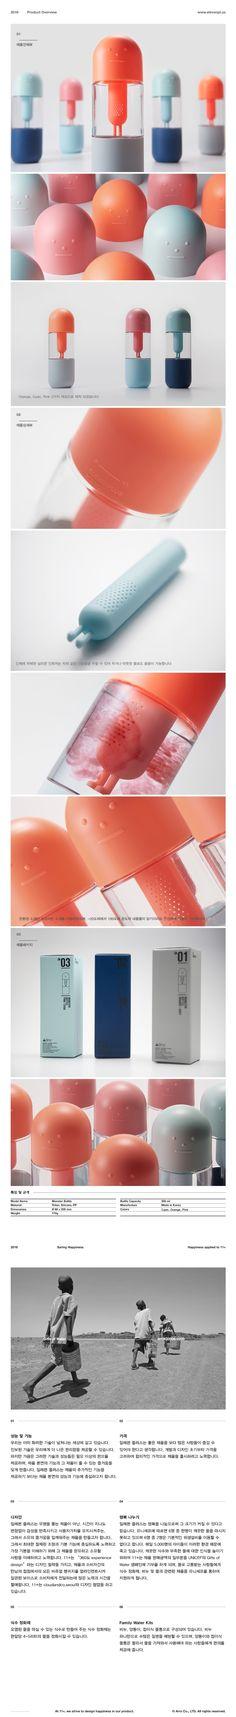 [상상마당 디자인스퀘어] 젊고 재능있는 한국 디자이너를 지원하며 그들의 제품을 전 세계로 홍보, 유통 합니다.